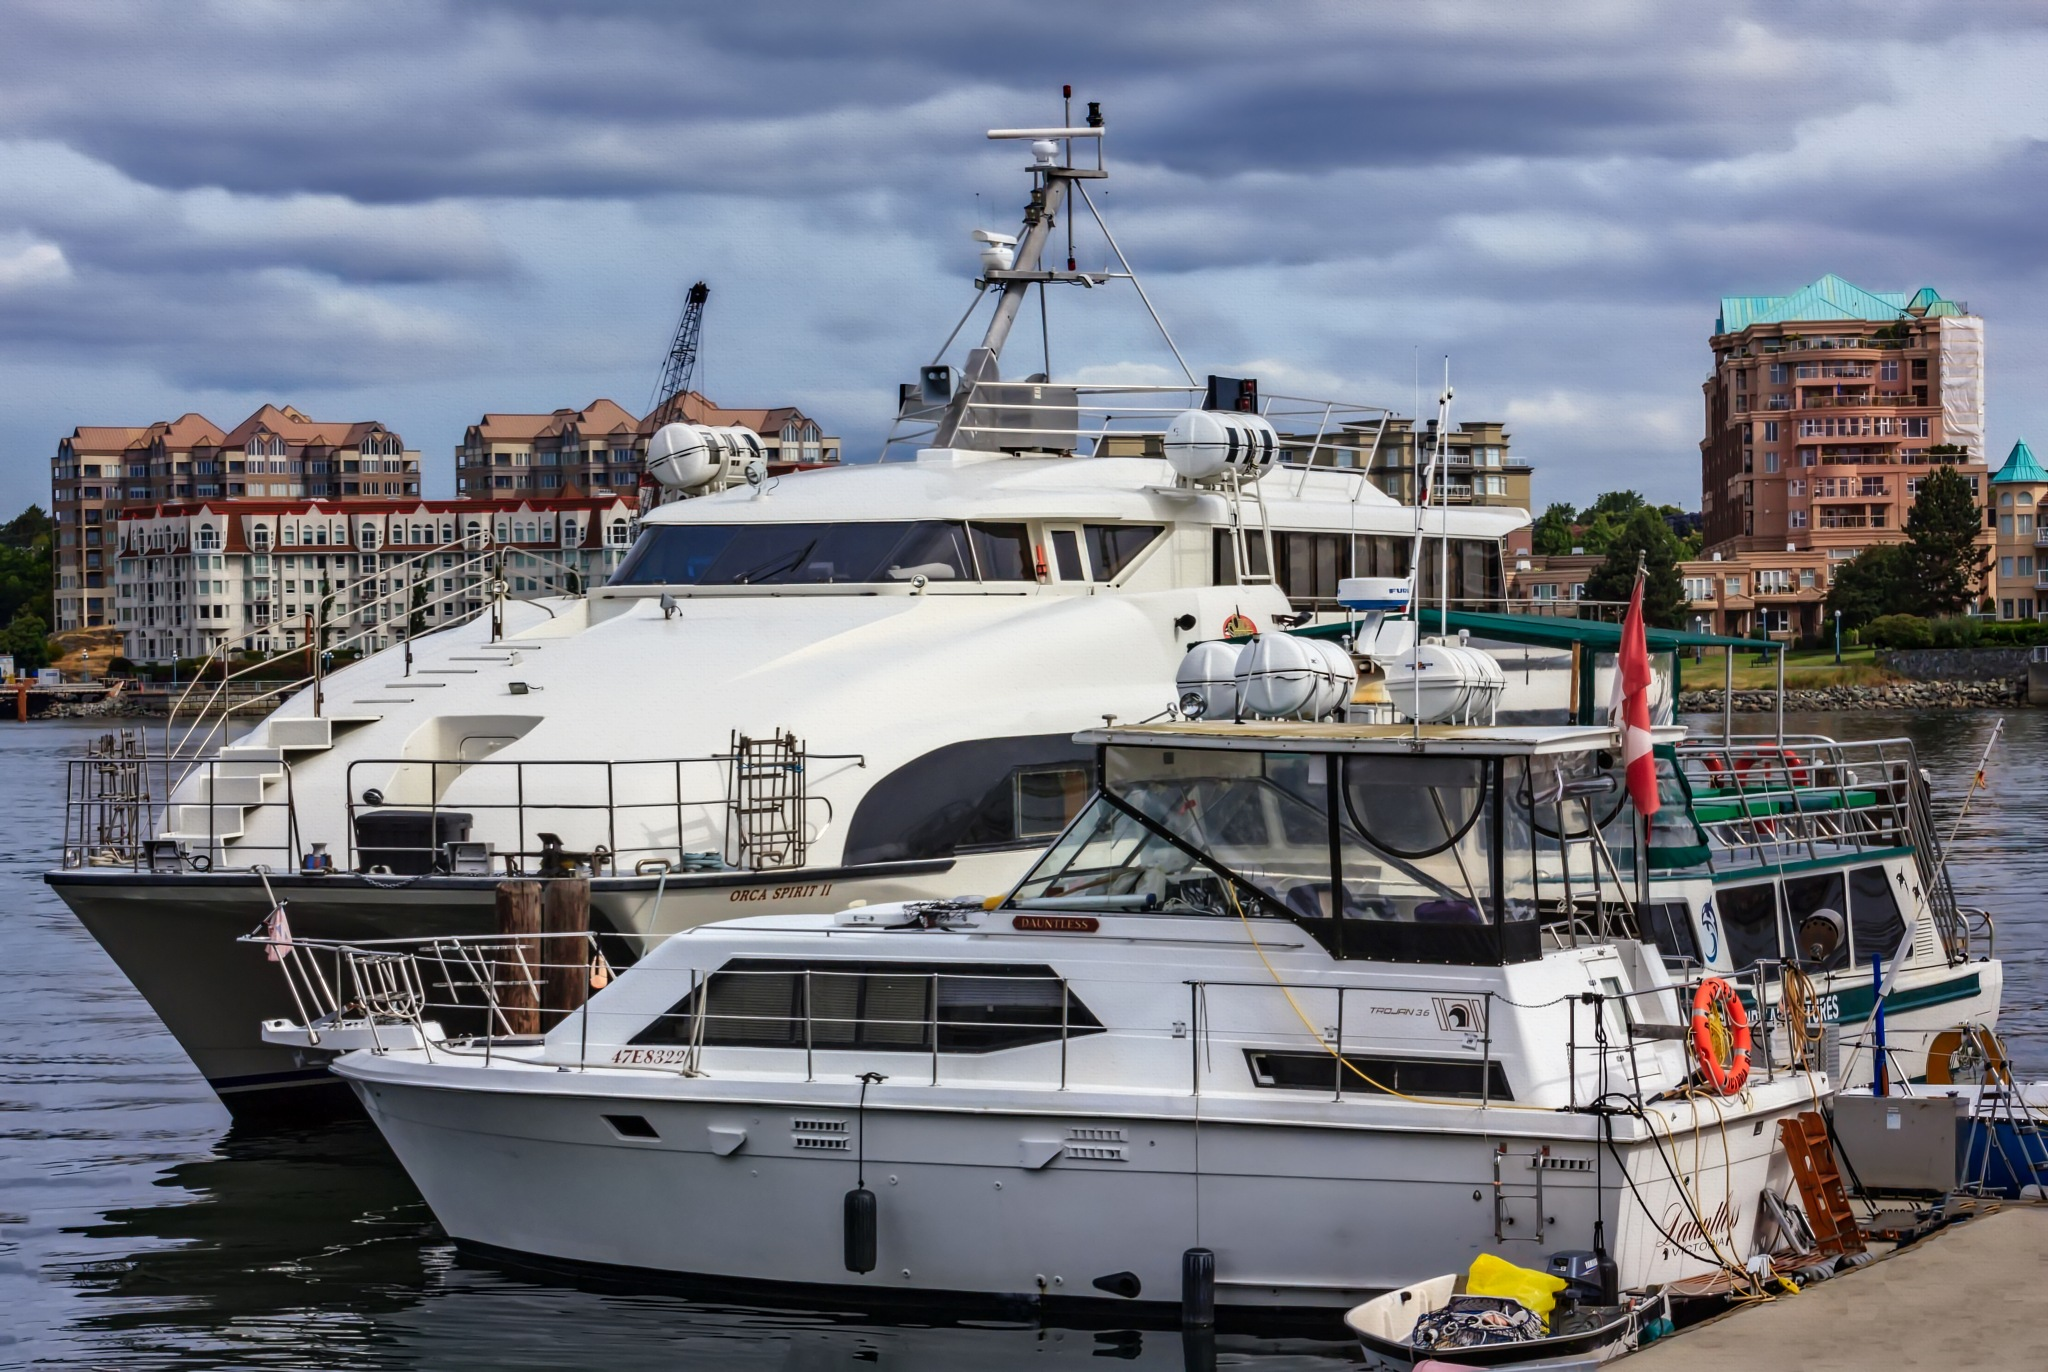 Victoria Harbour by GaryCorken